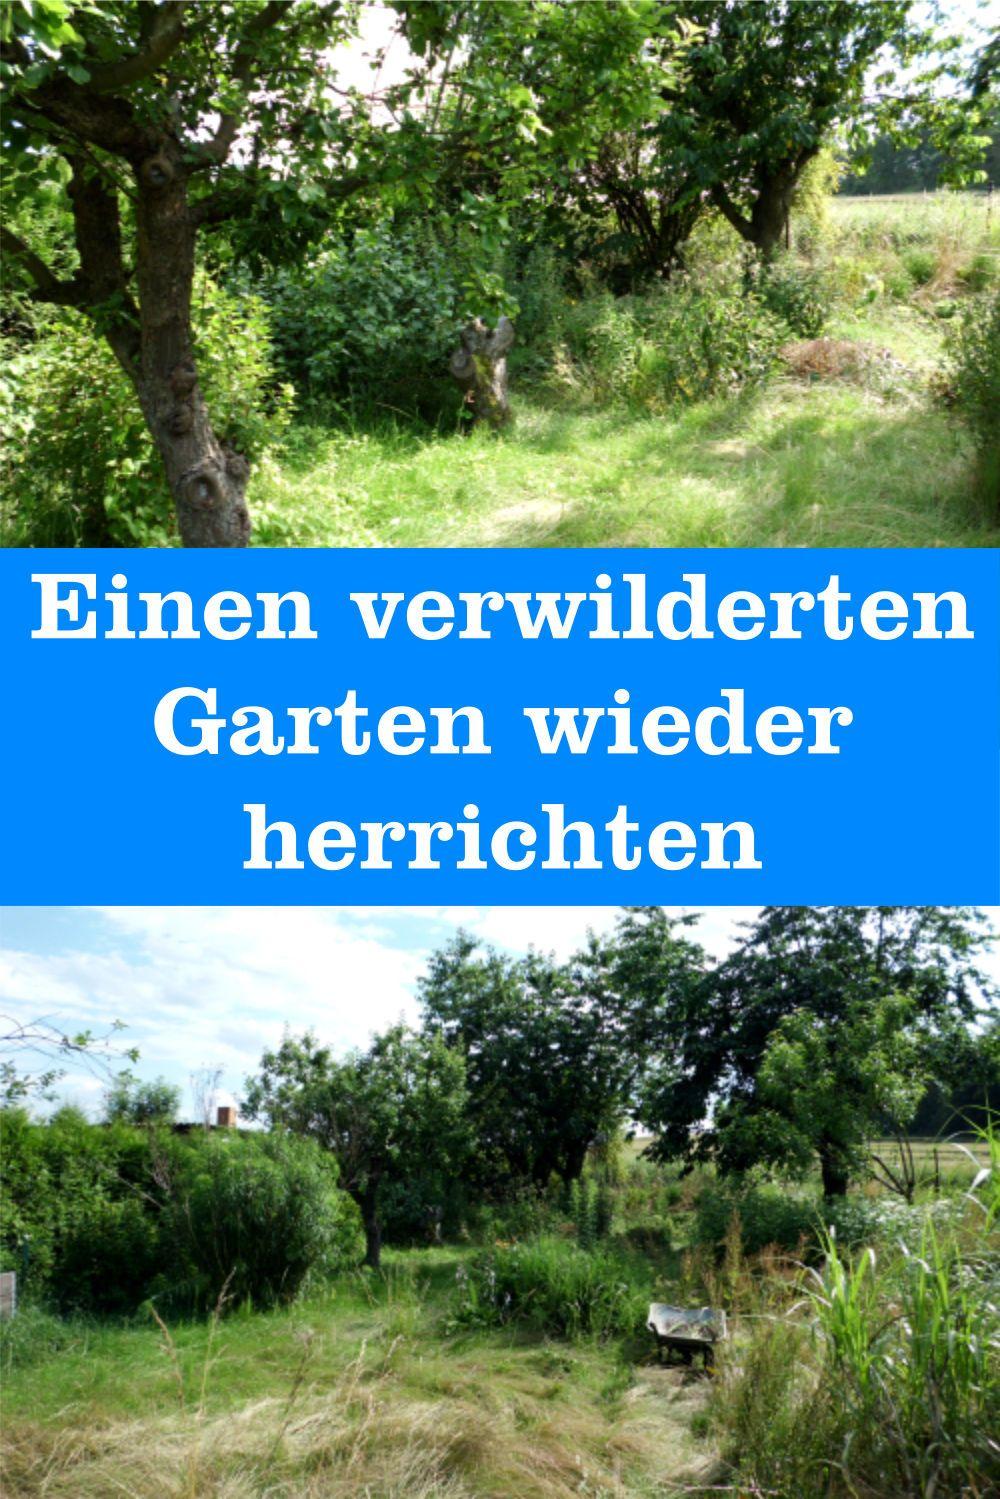 Einen Verwilderten Garten Wieder Herrichten Gartenbob De Der Garten Ratgeber Garten Garten Gestalten Gartenkunst